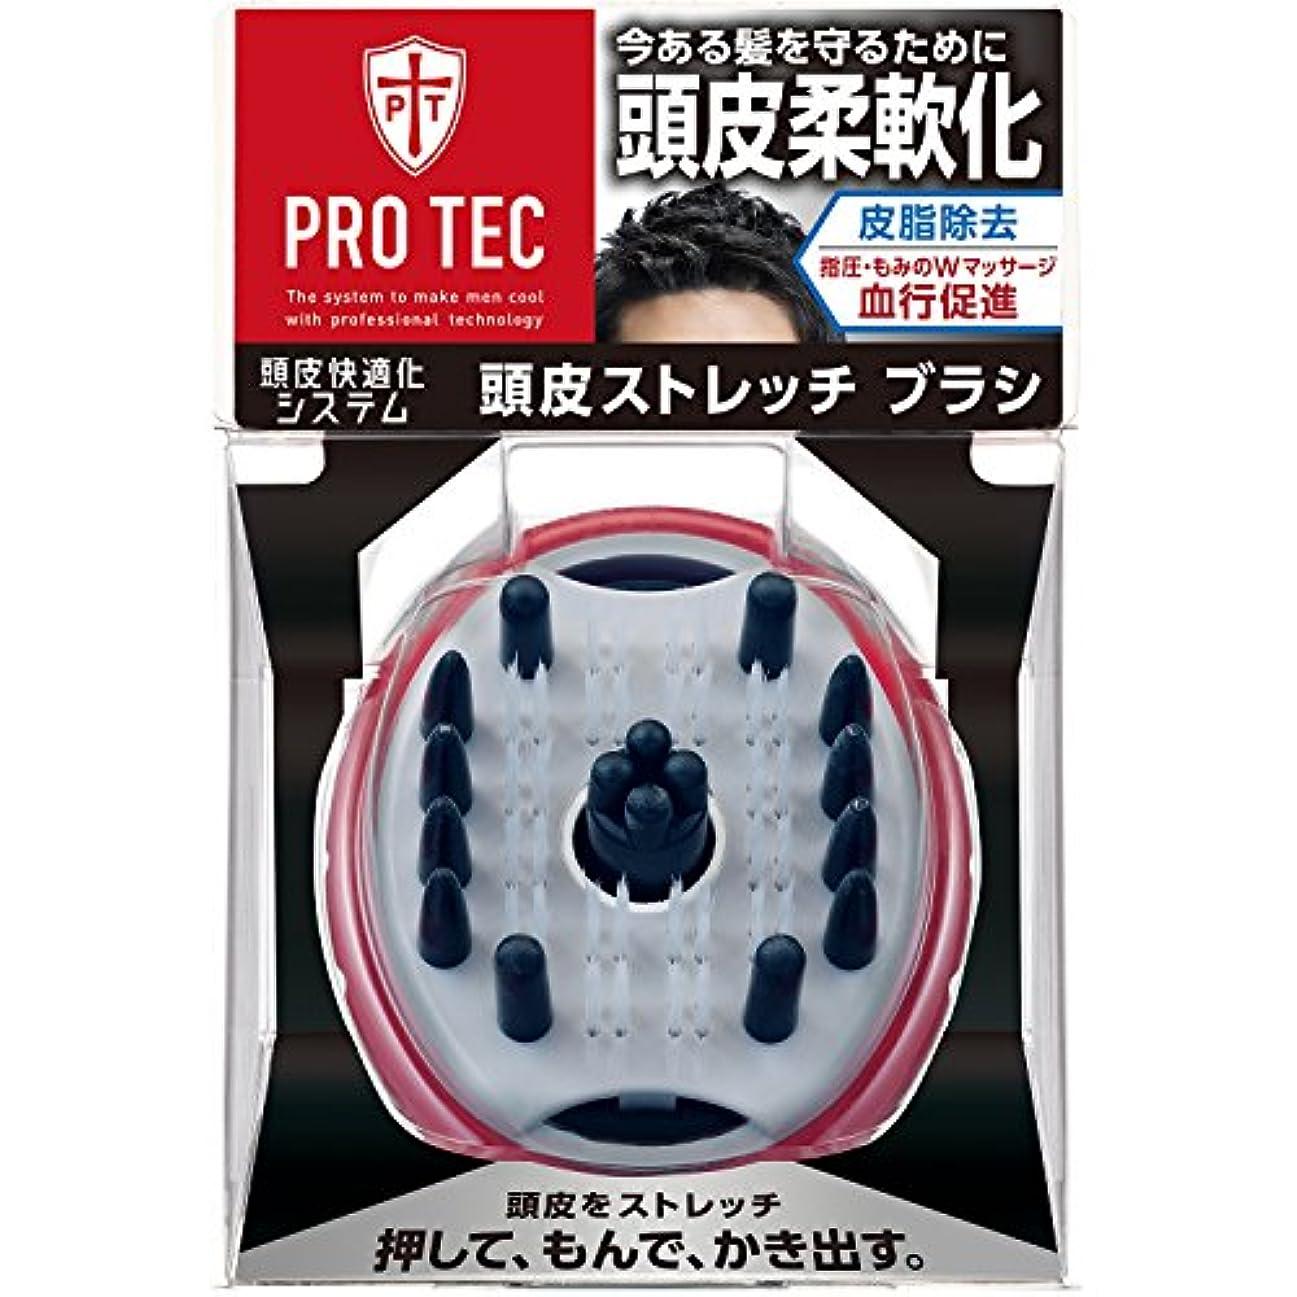 カスタムからに変化する転送PRO TEC(プロテク) ウォッシングブラシ 頭皮ストレッチタイプ